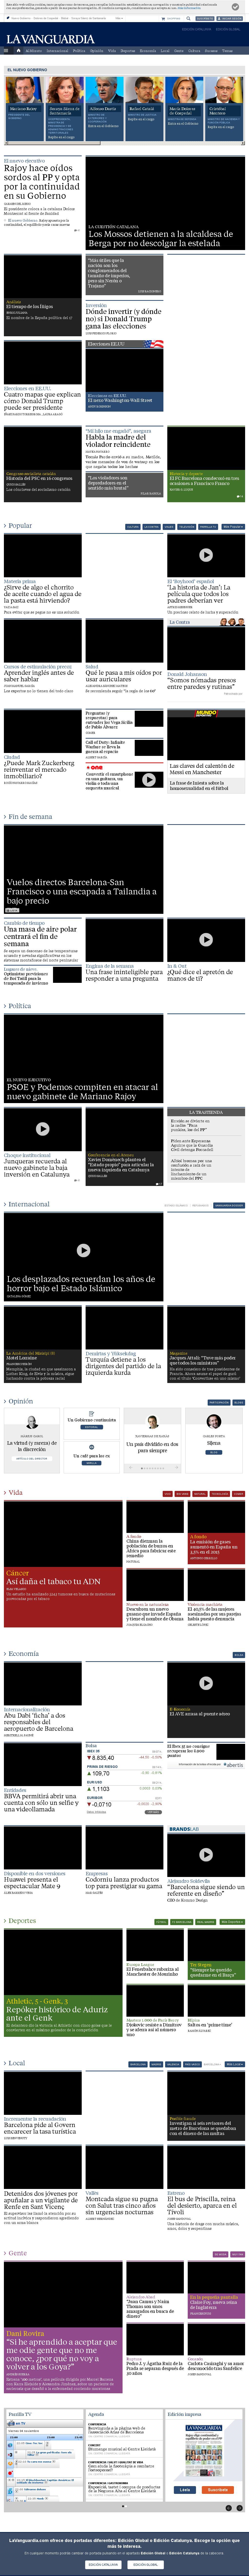 La Vanguardia at Friday Nov. 4, 2016, 8:24 a.m. UTC